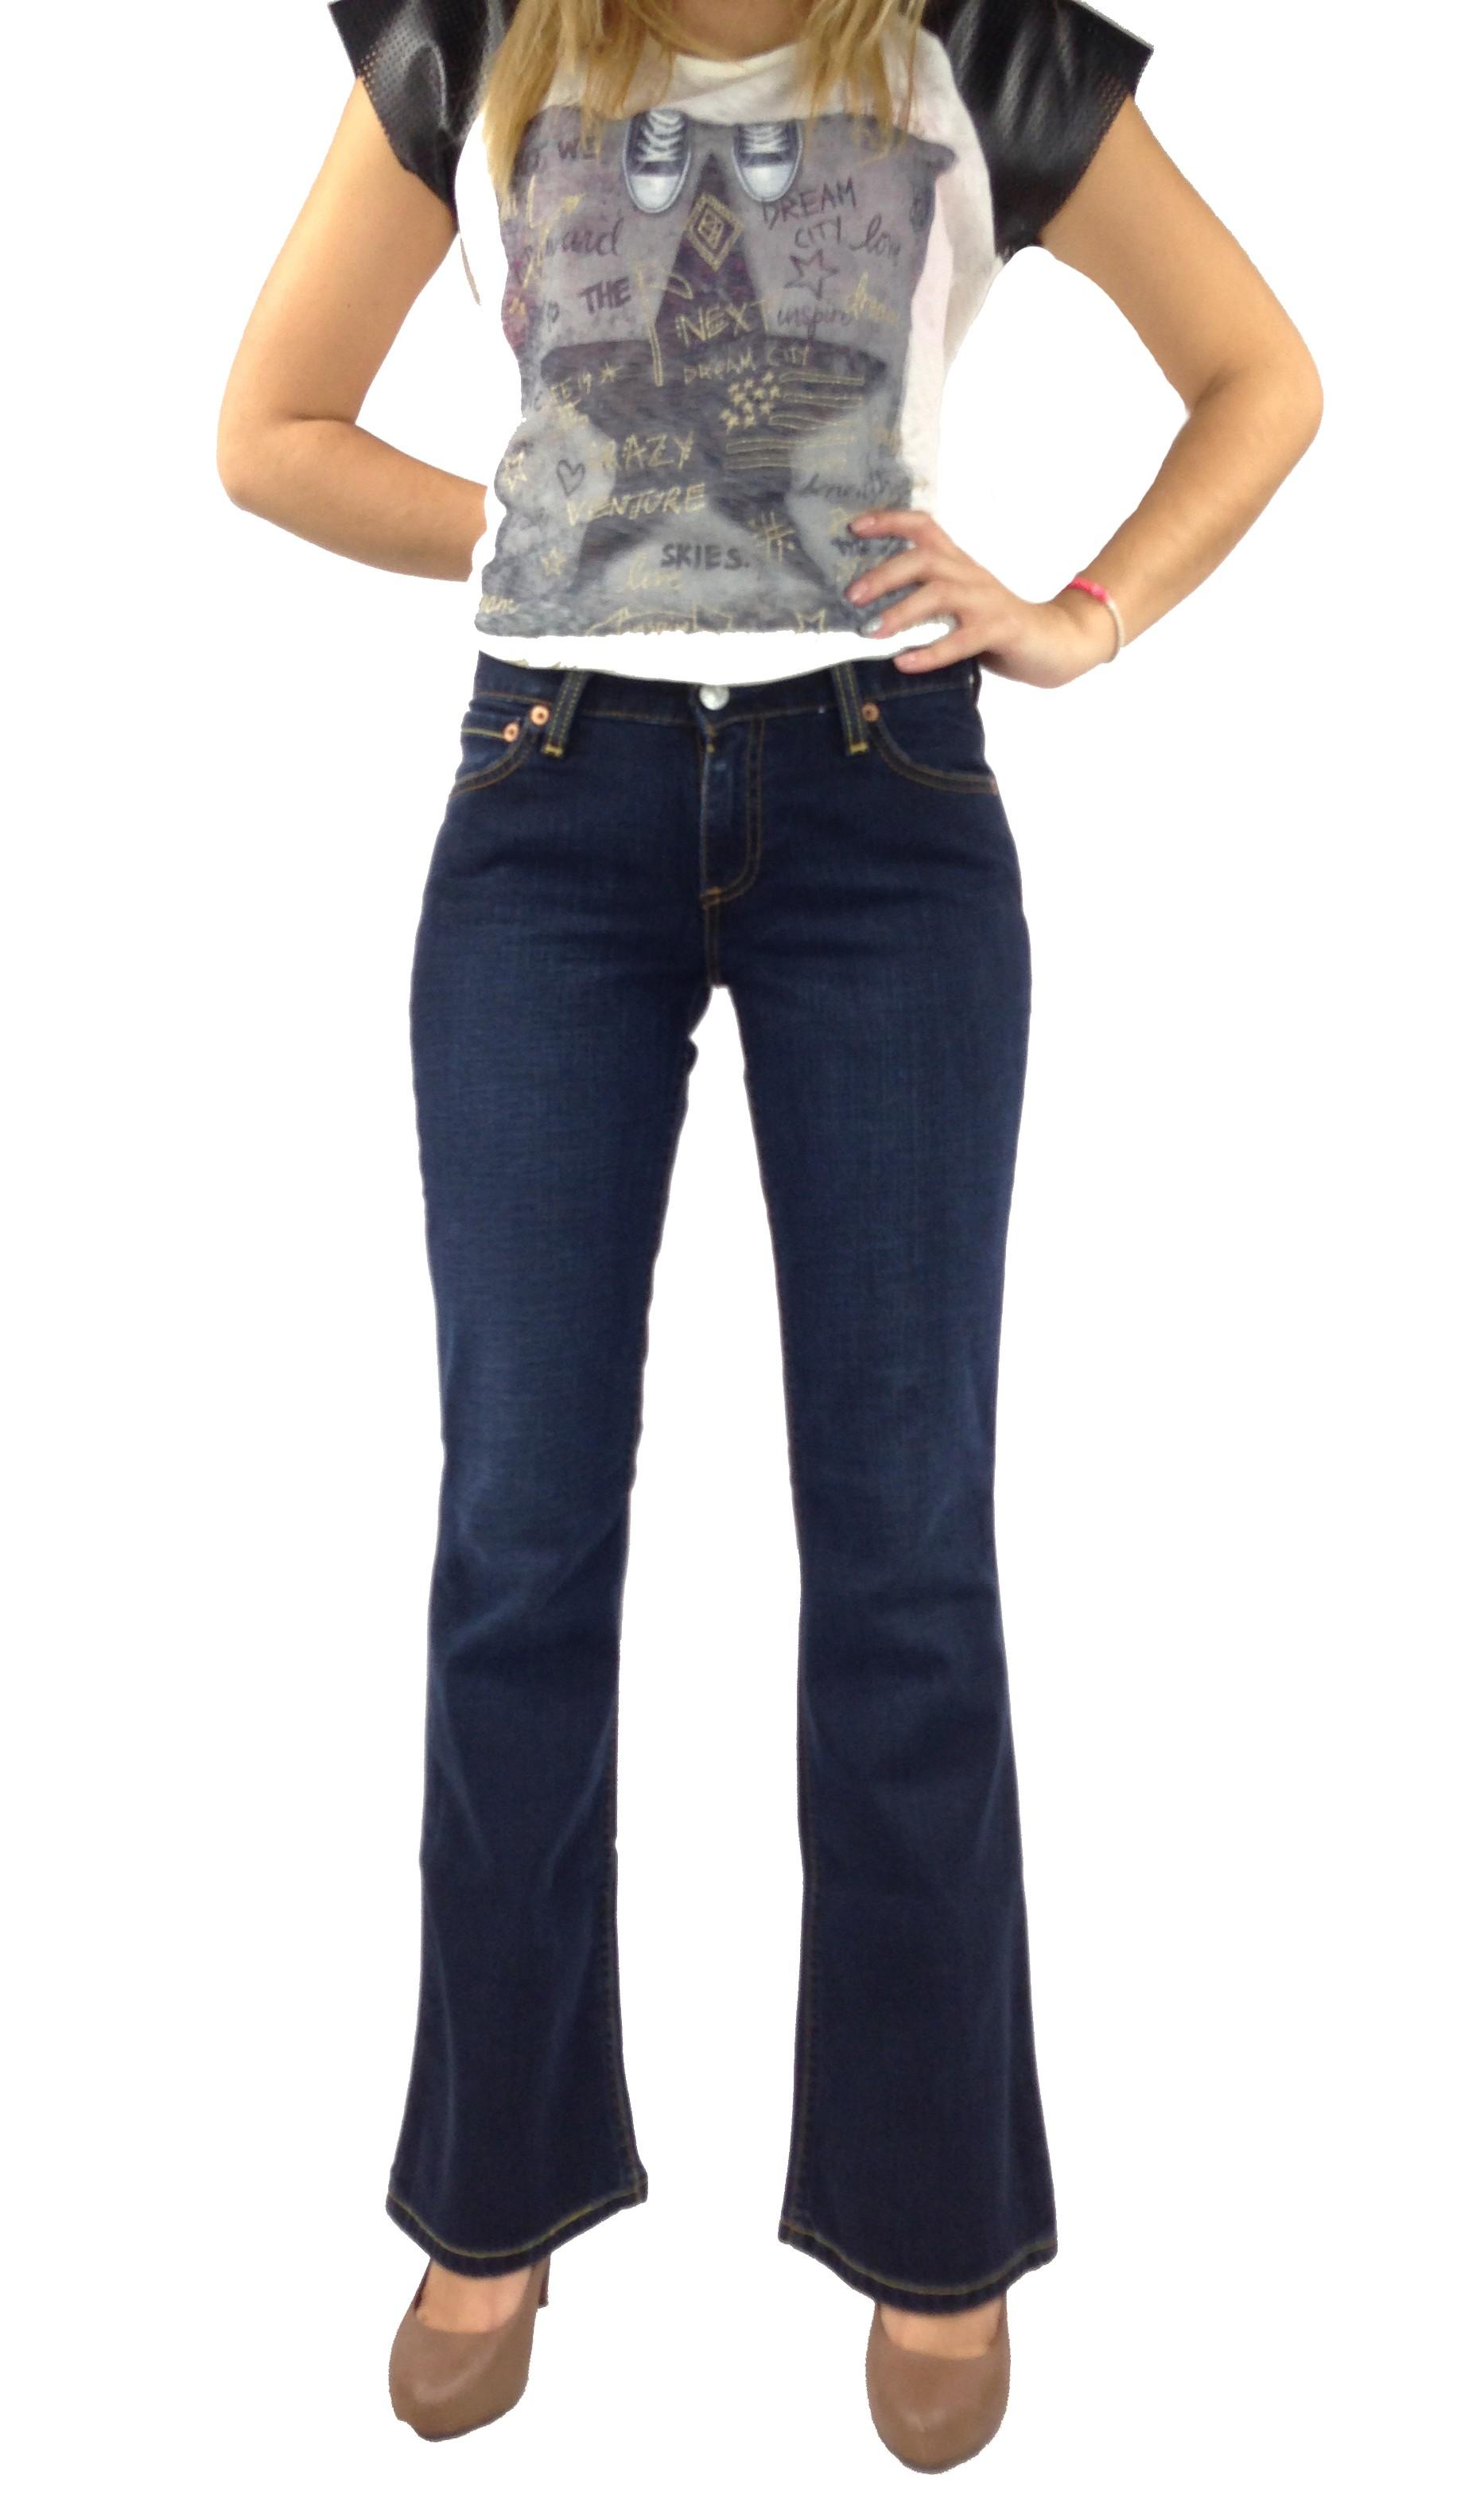 Γυναικεία   Ρούχα   Παντελόνια   Τζίν   Γυναικείο τζην παντελόνι ... 4bc8787727e